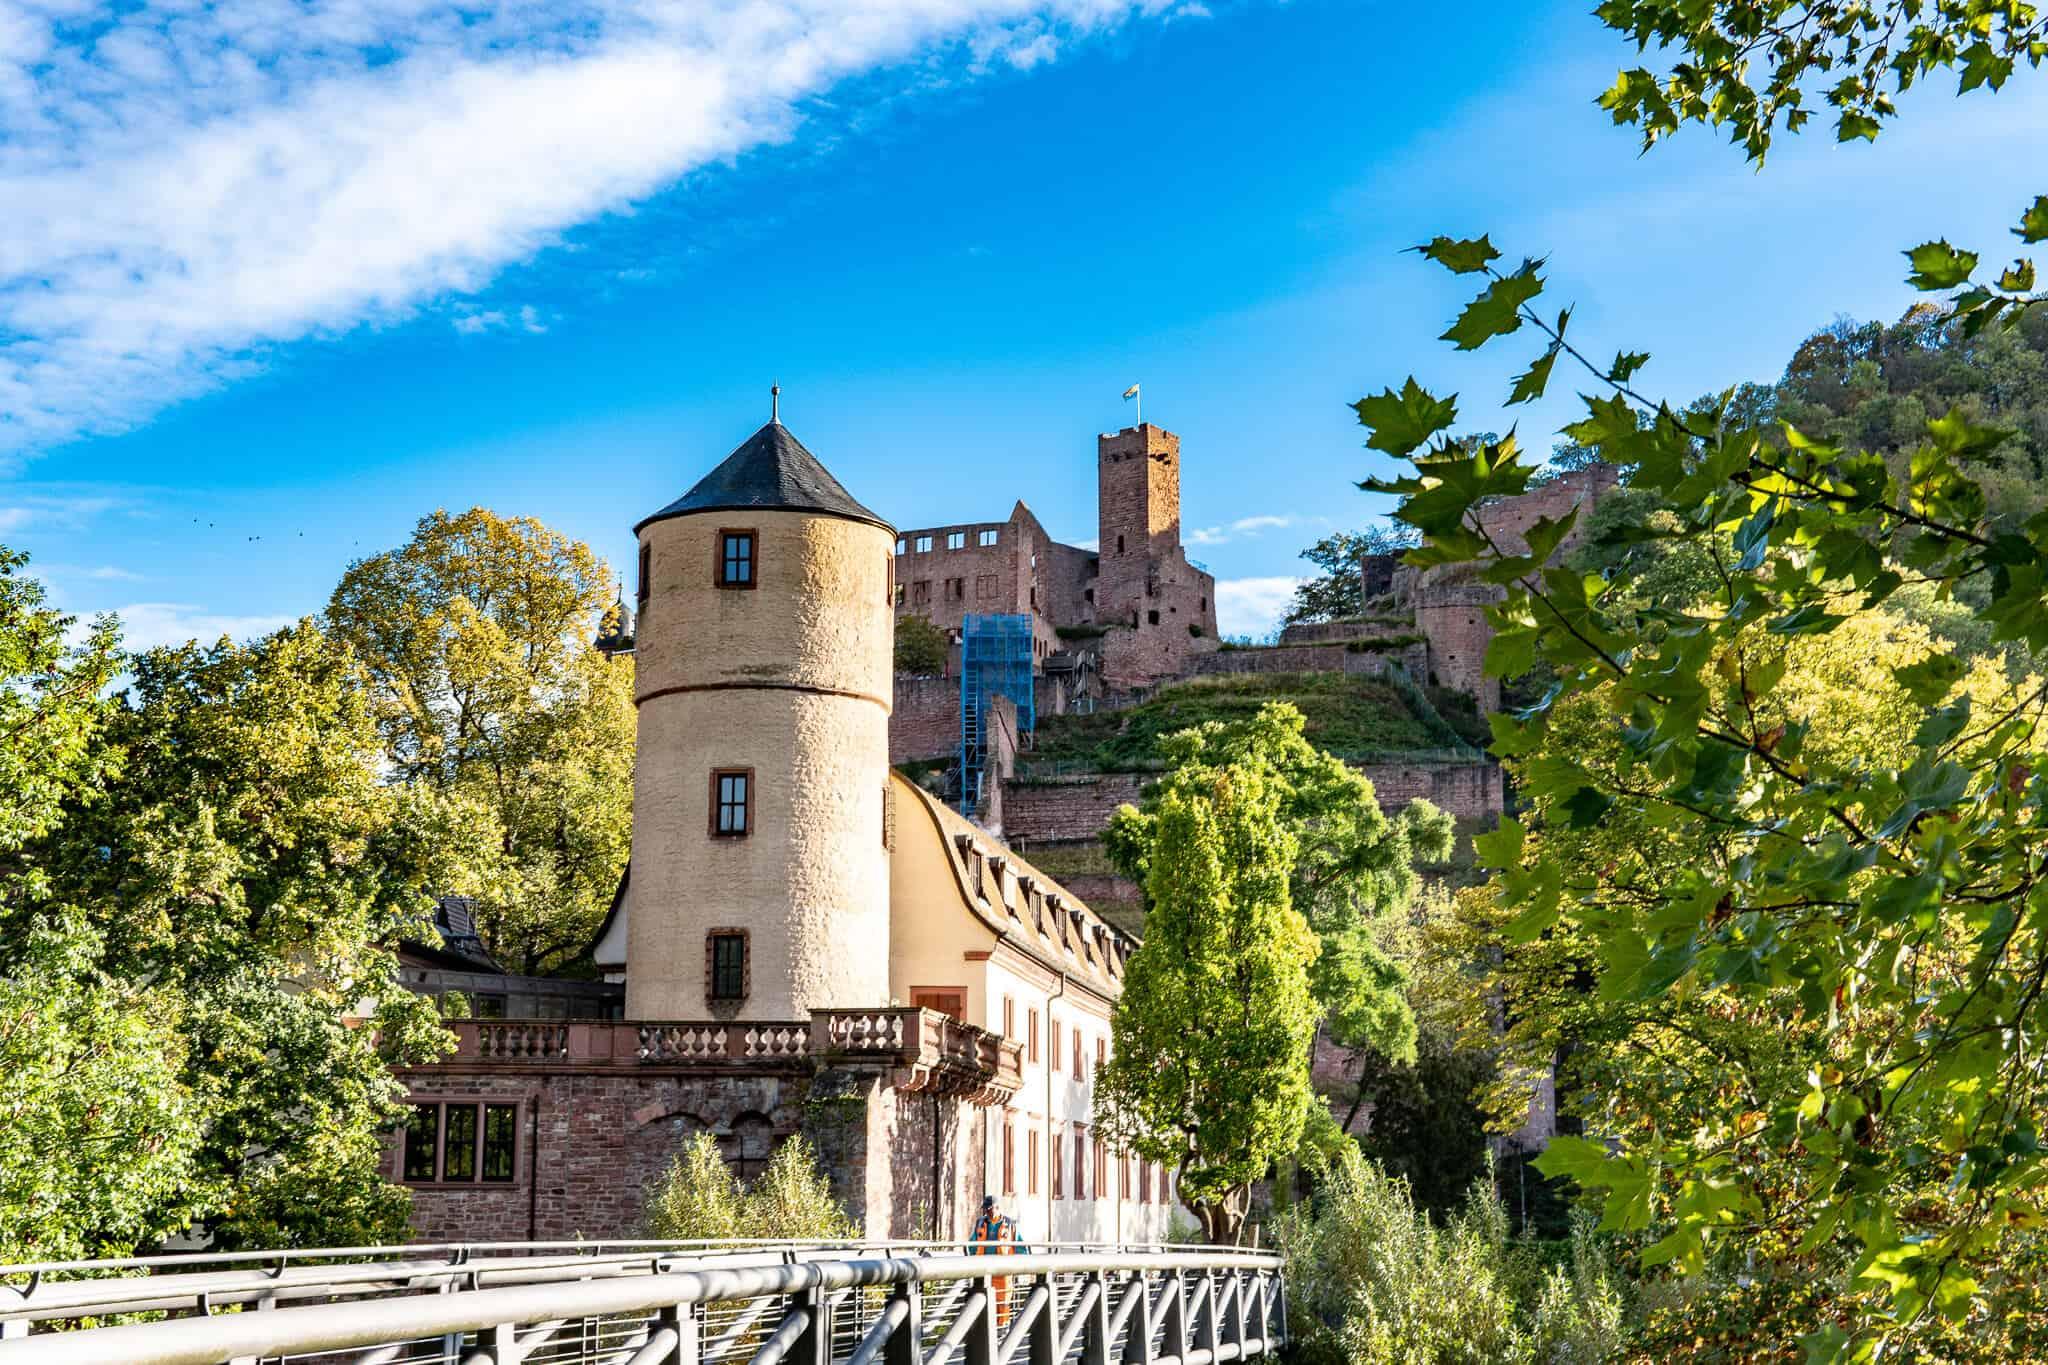 Weisser Turm und Burg Wertheim